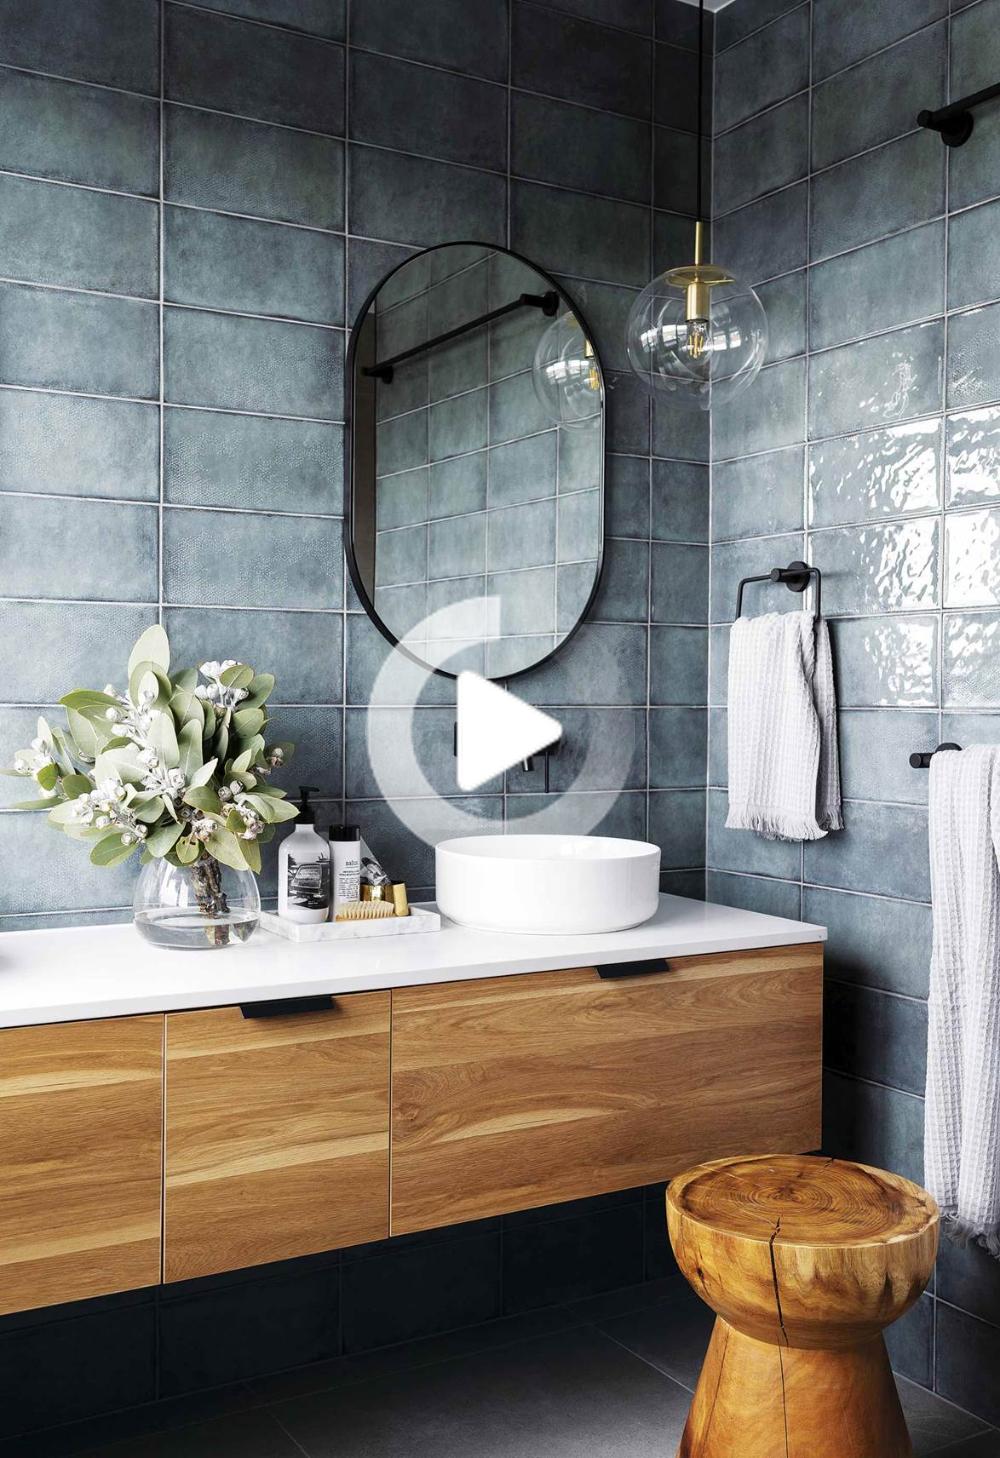 Fliesen In Pastellfarben In 2020 Bad Fliesen Ideen Badezimmer Trends Neues Bad